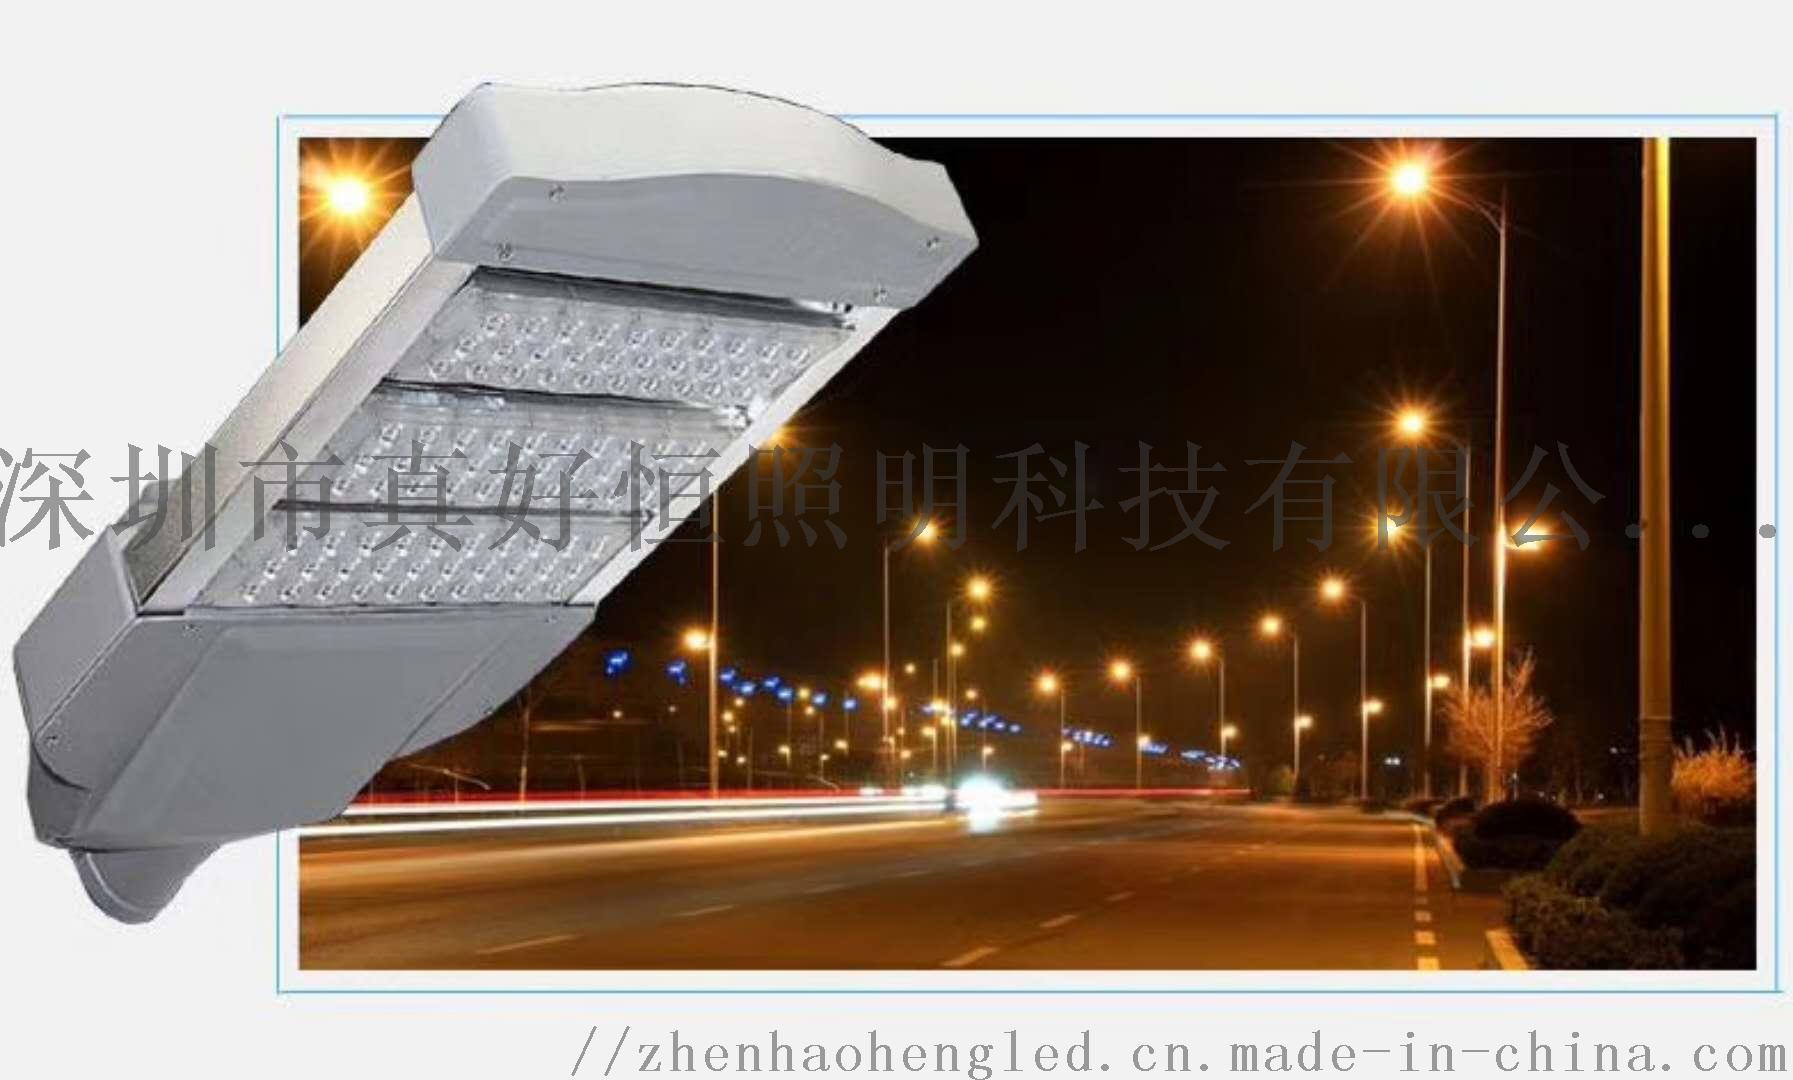 广西led路灯/led模组路灯/可调路灯厂家91945765